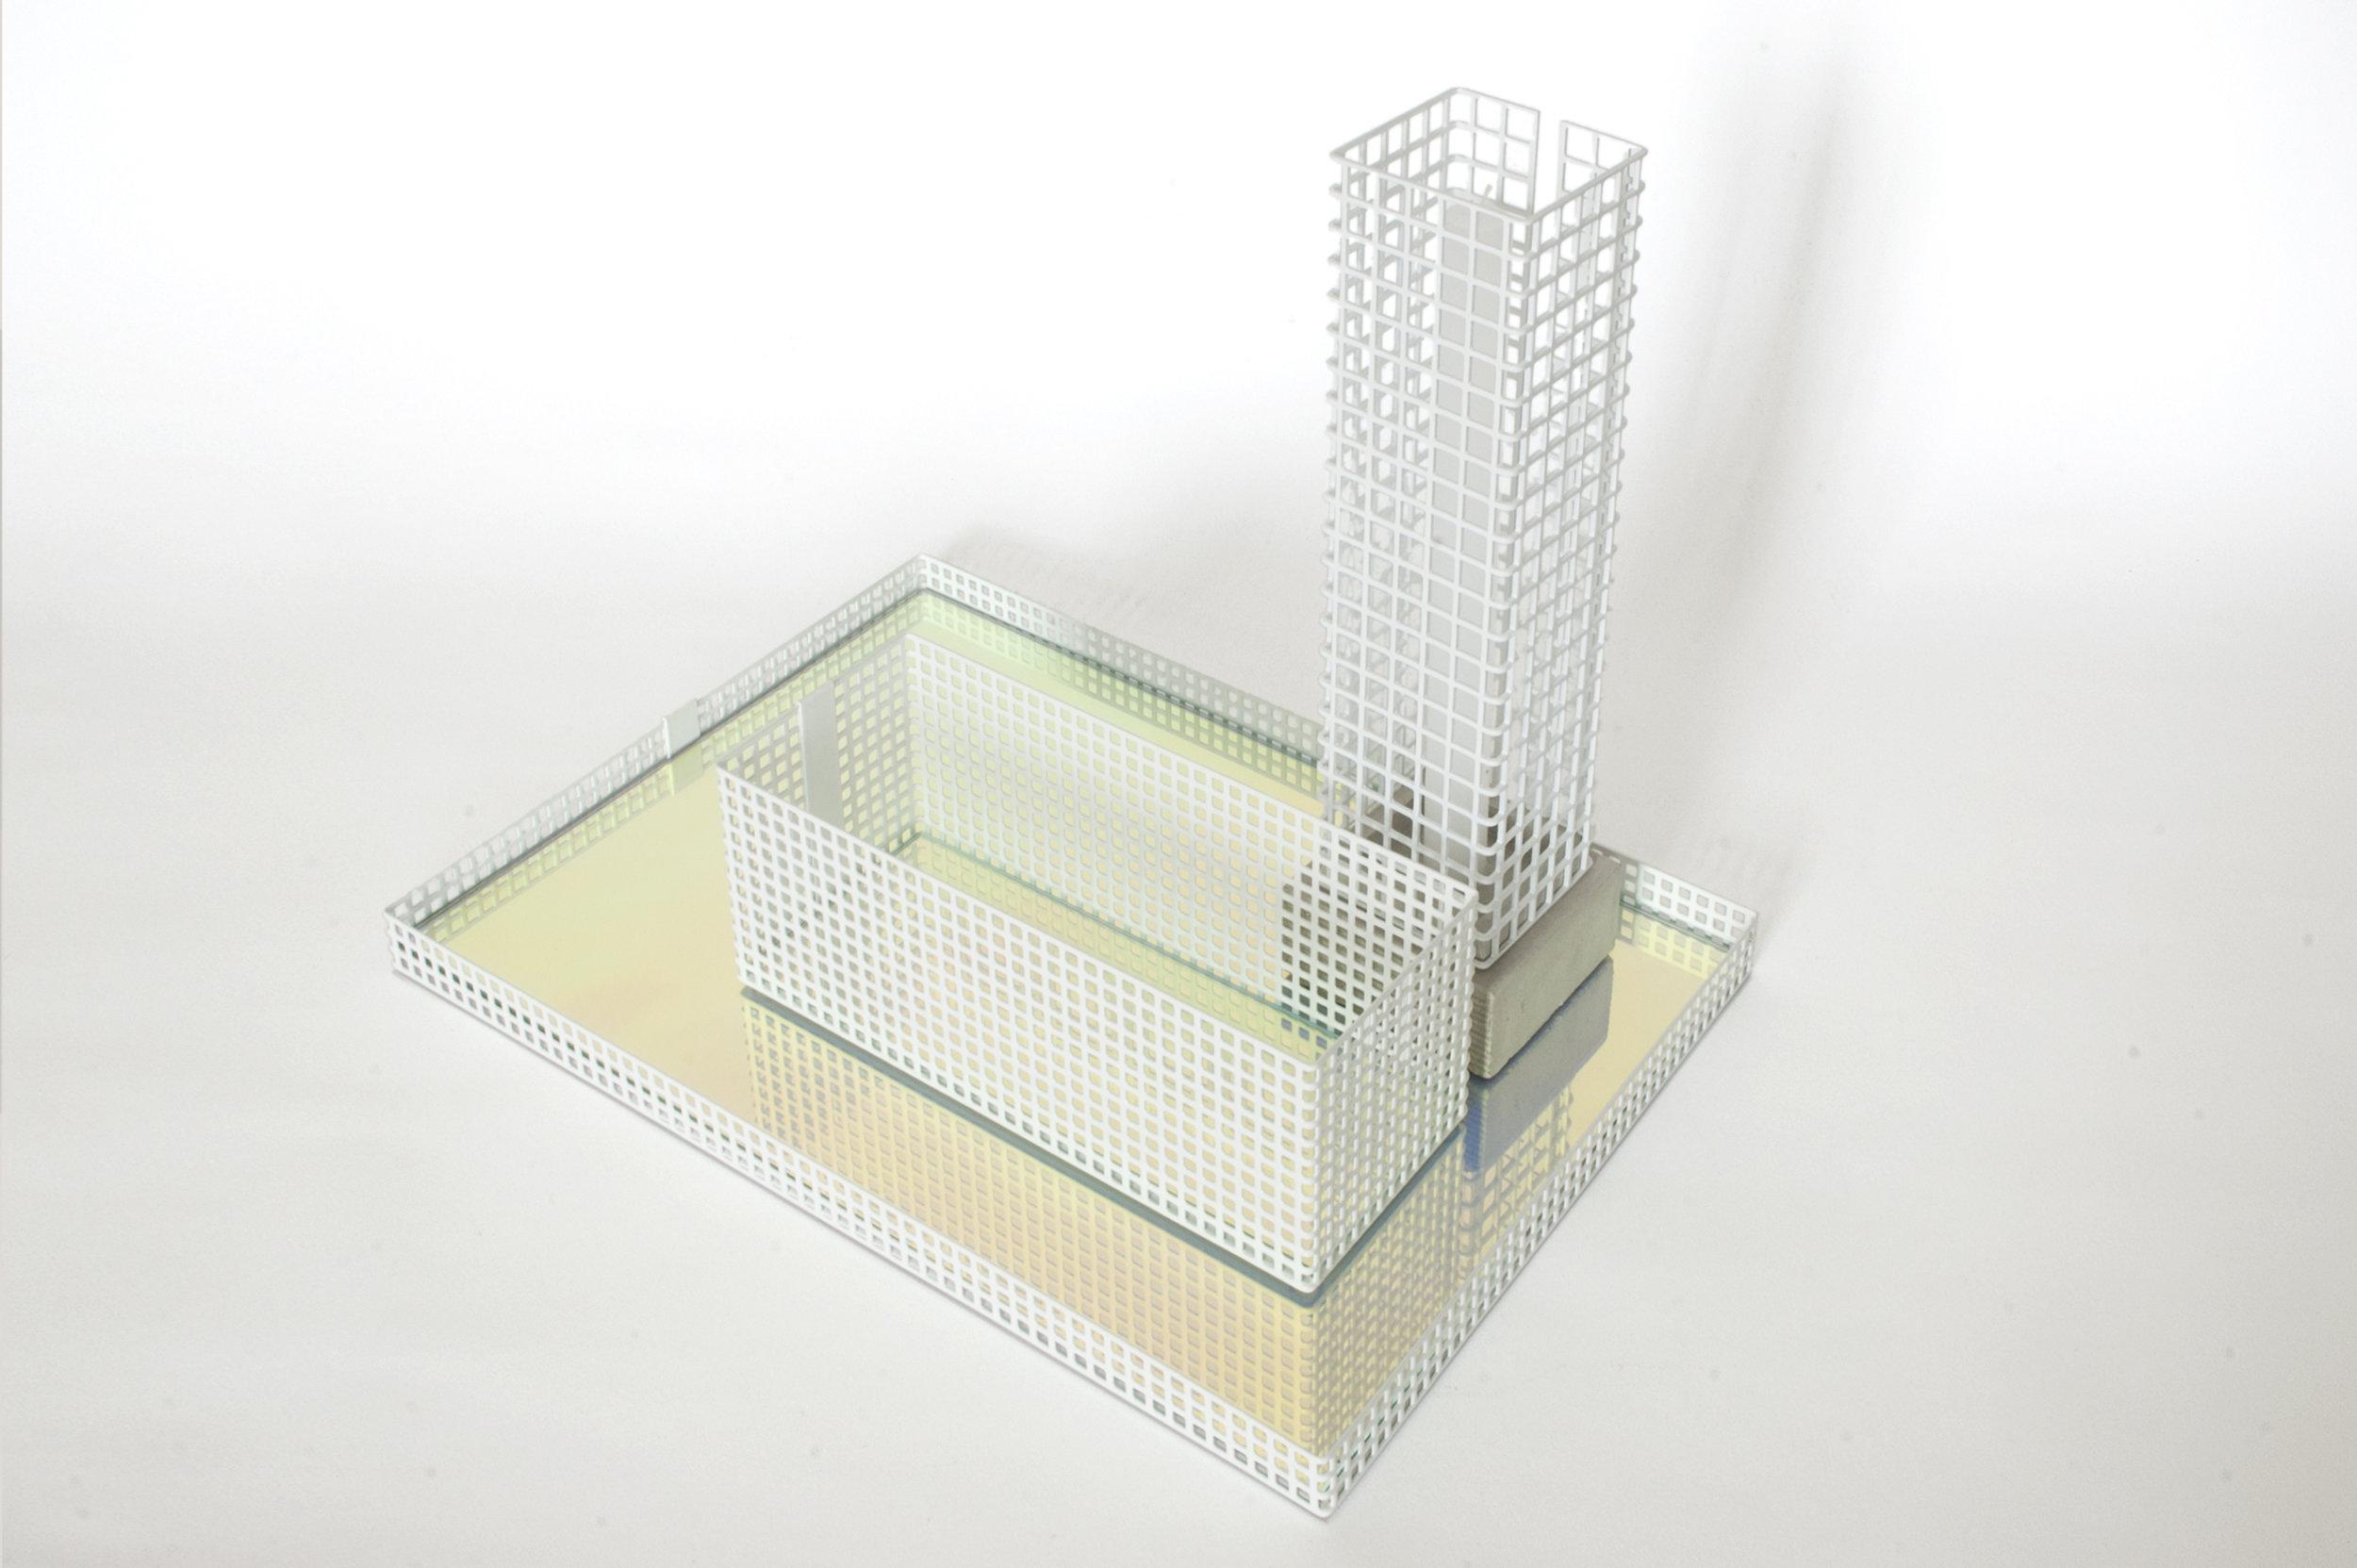 Table Architecture composition white - David Derksen Design.jpg